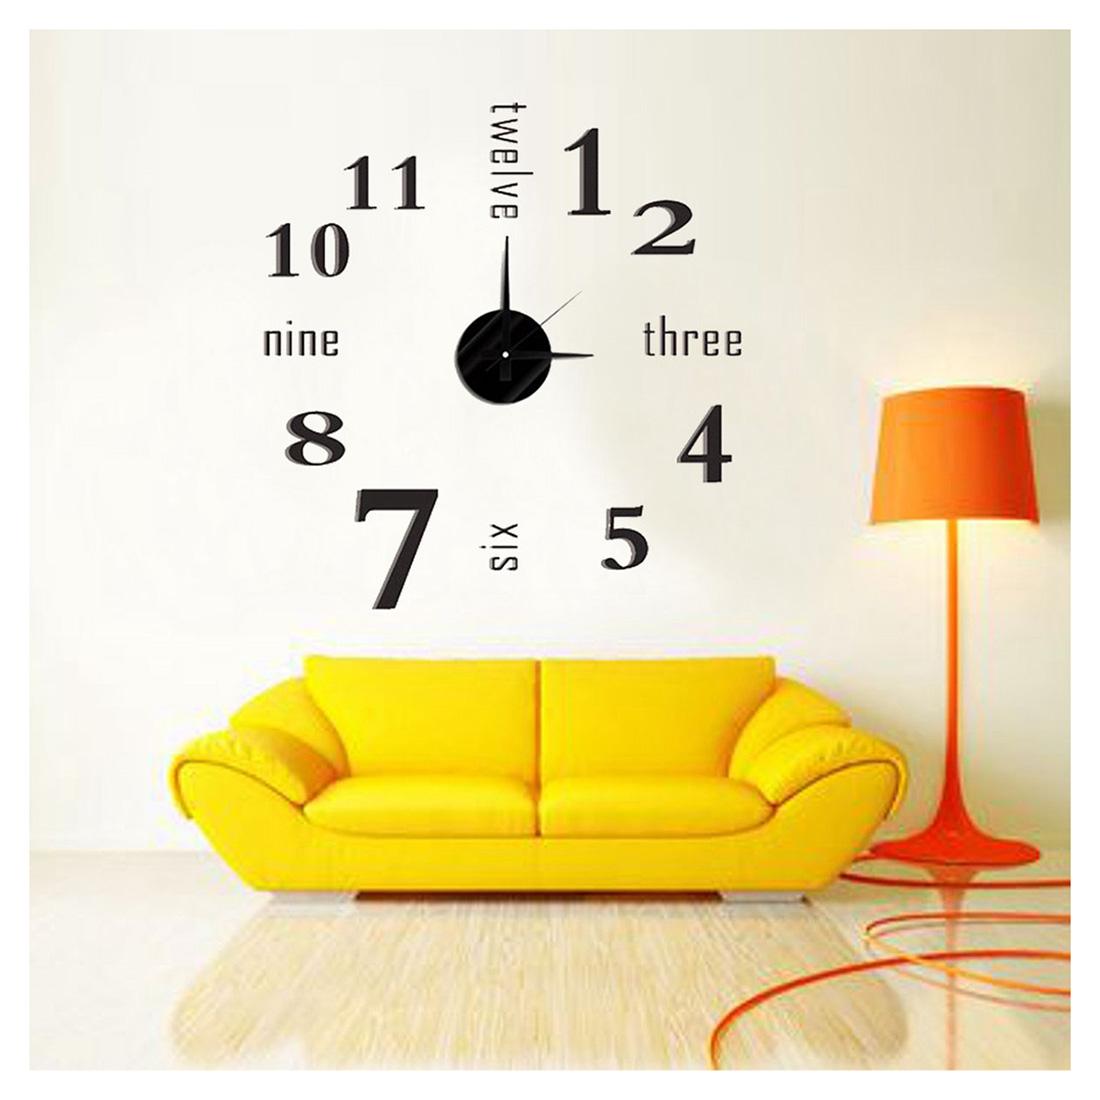 grosse wohnzimmer wand ~ ciltix.com = sammlung von bildern des ... - Grose Wohnzimmer Uhren